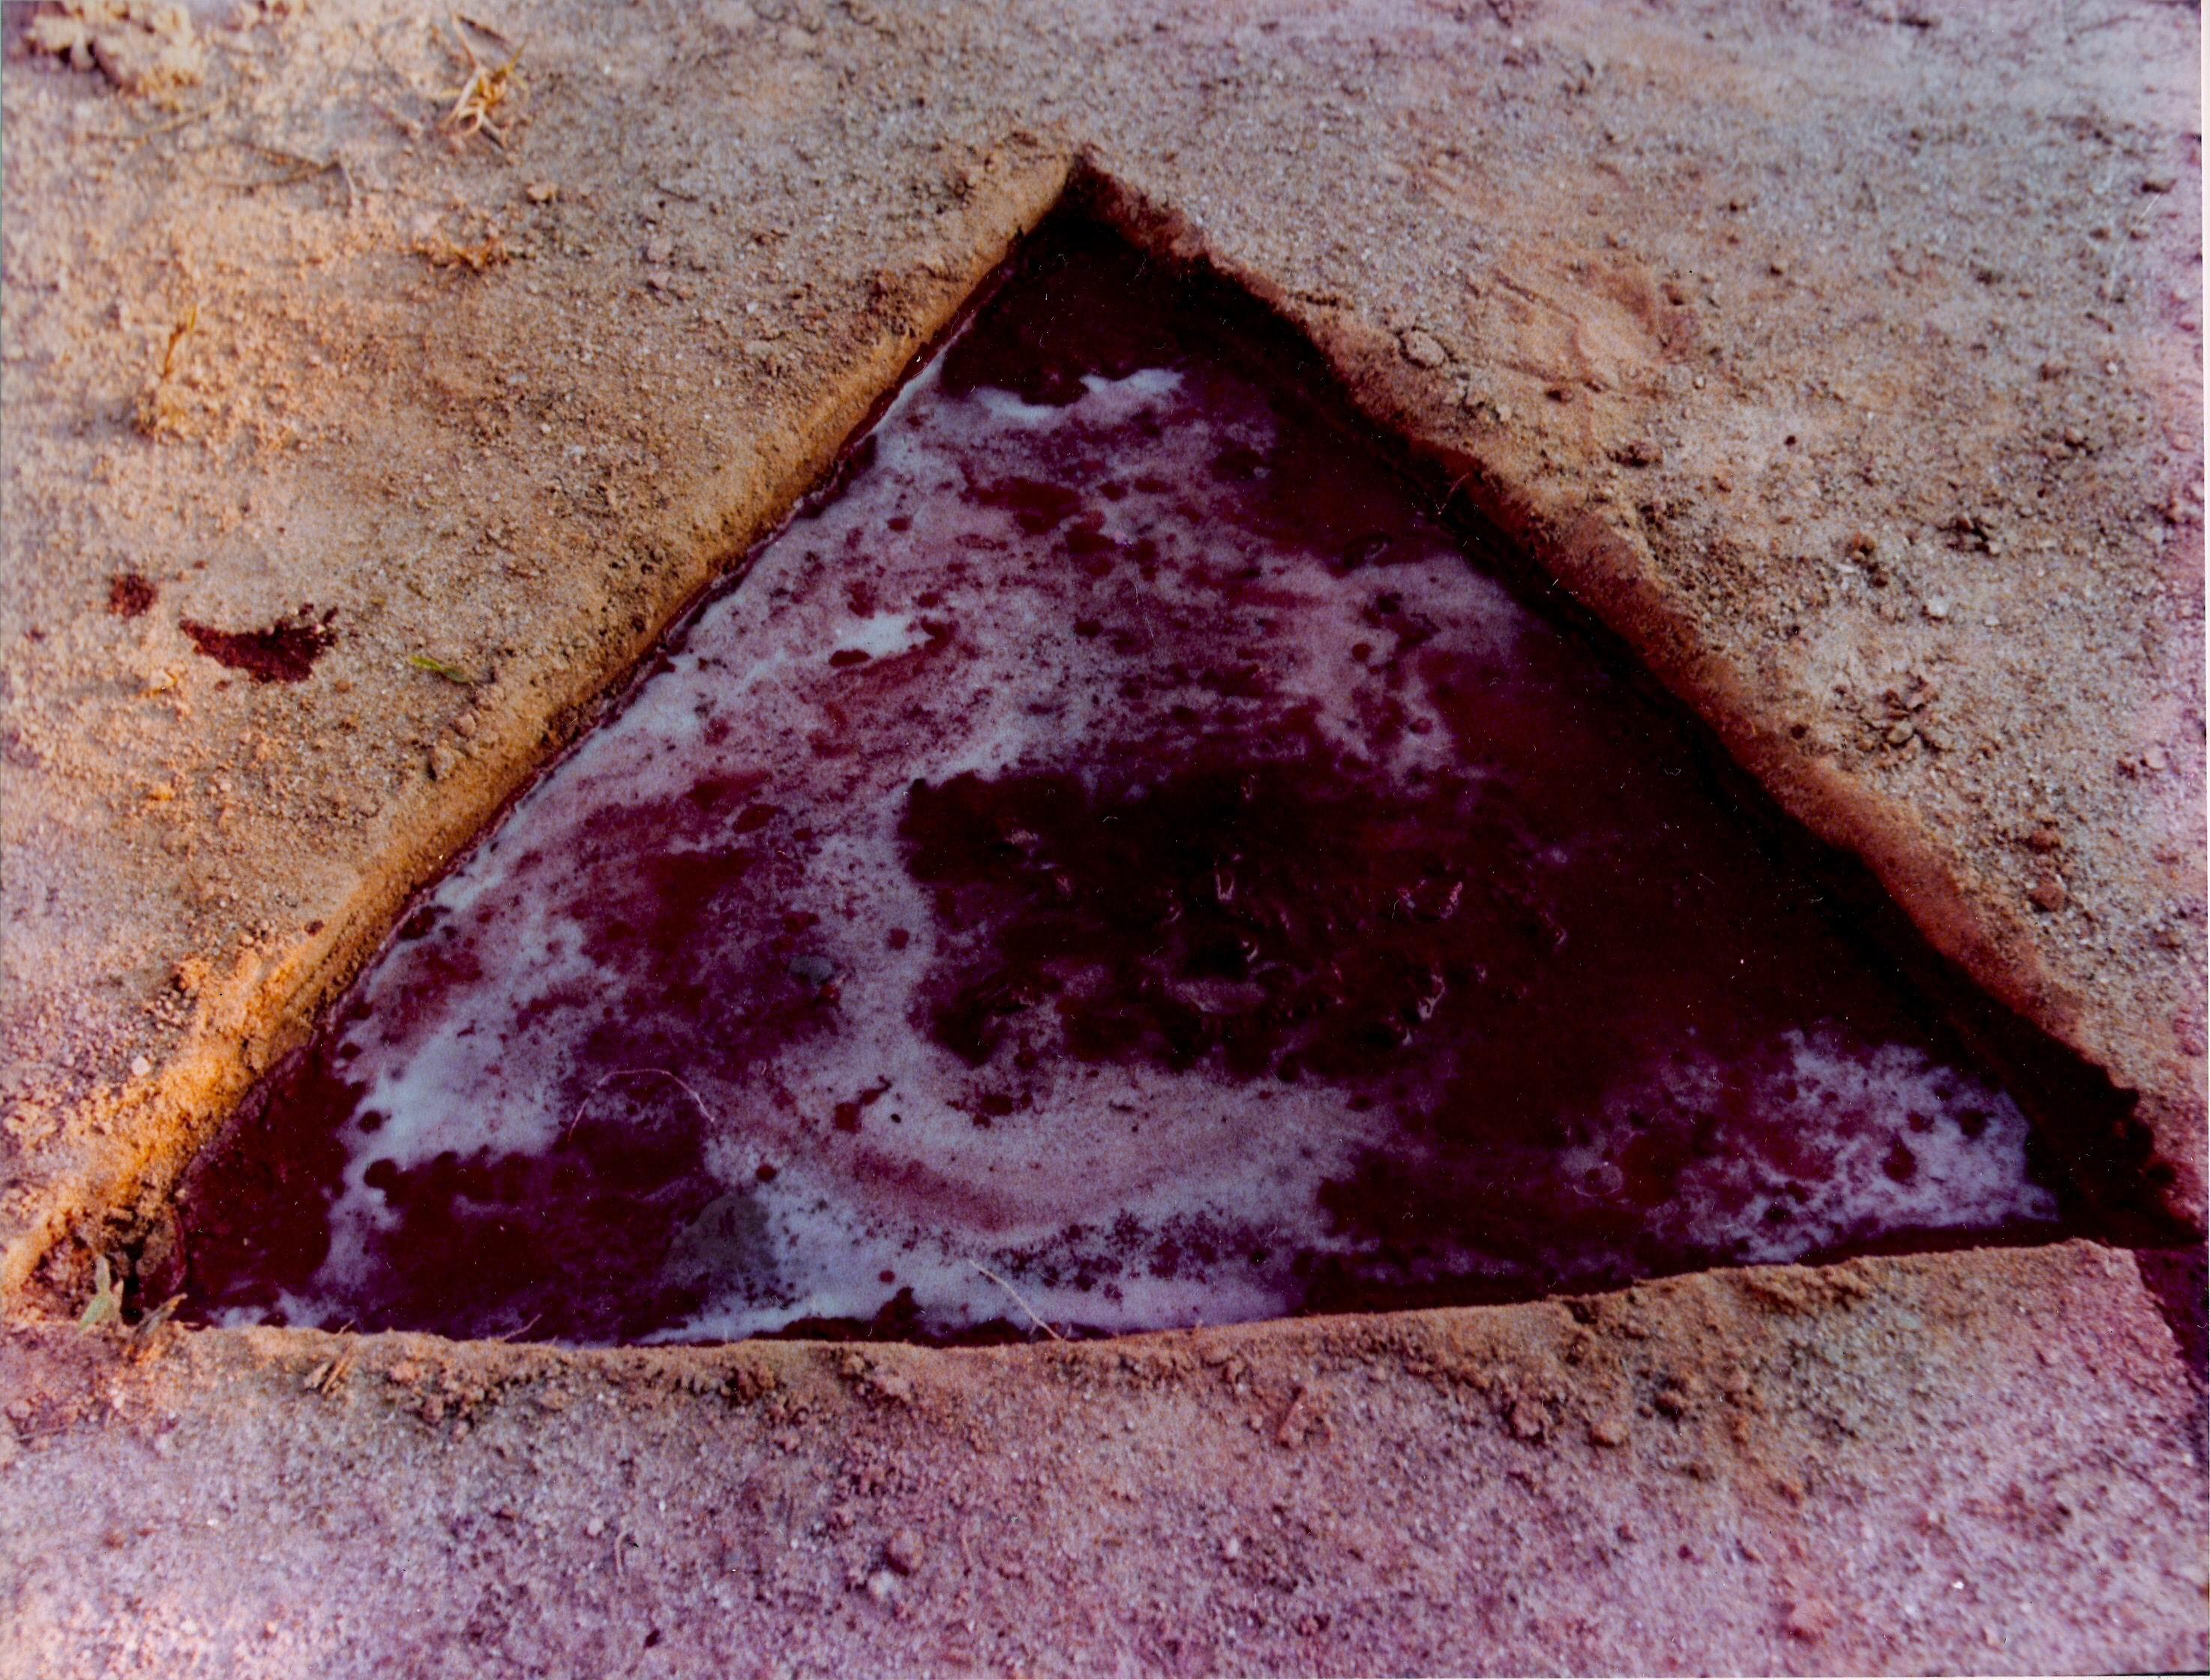 Na mina de caulim.1-6-1980